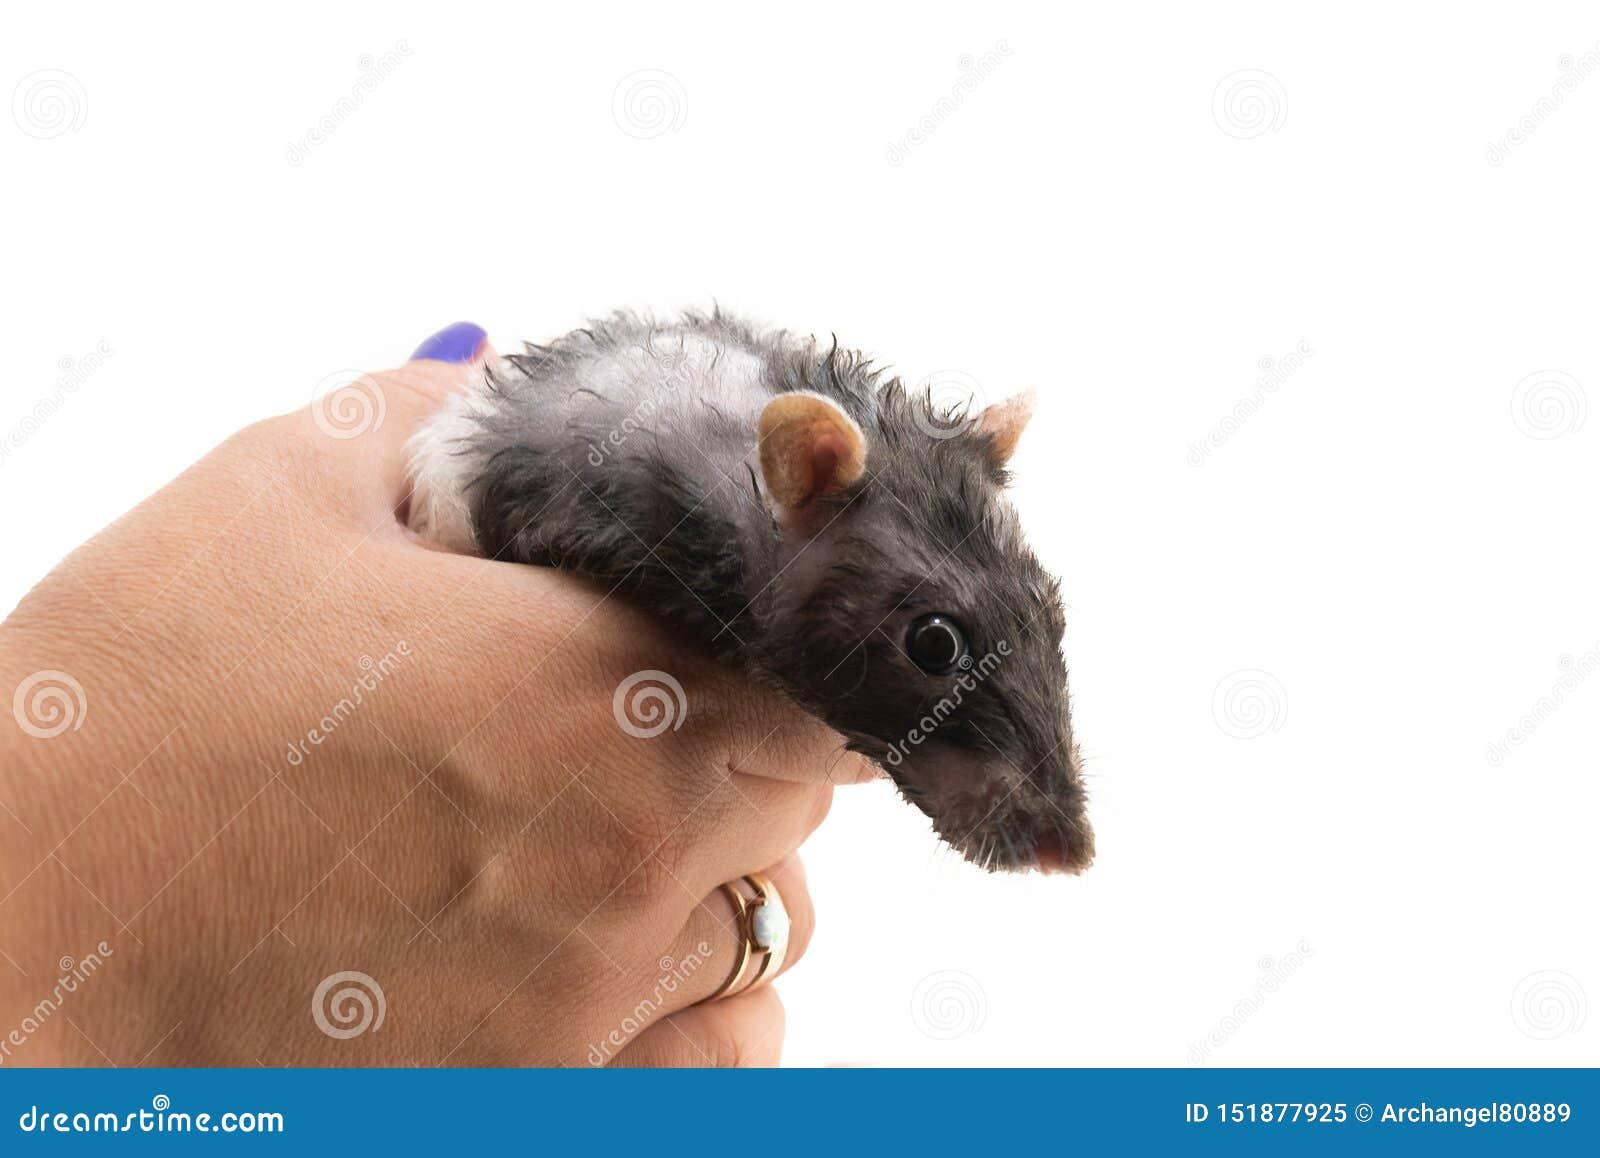 Черно-белая декоративная крыса после купать на его руках, на белой предпосылке